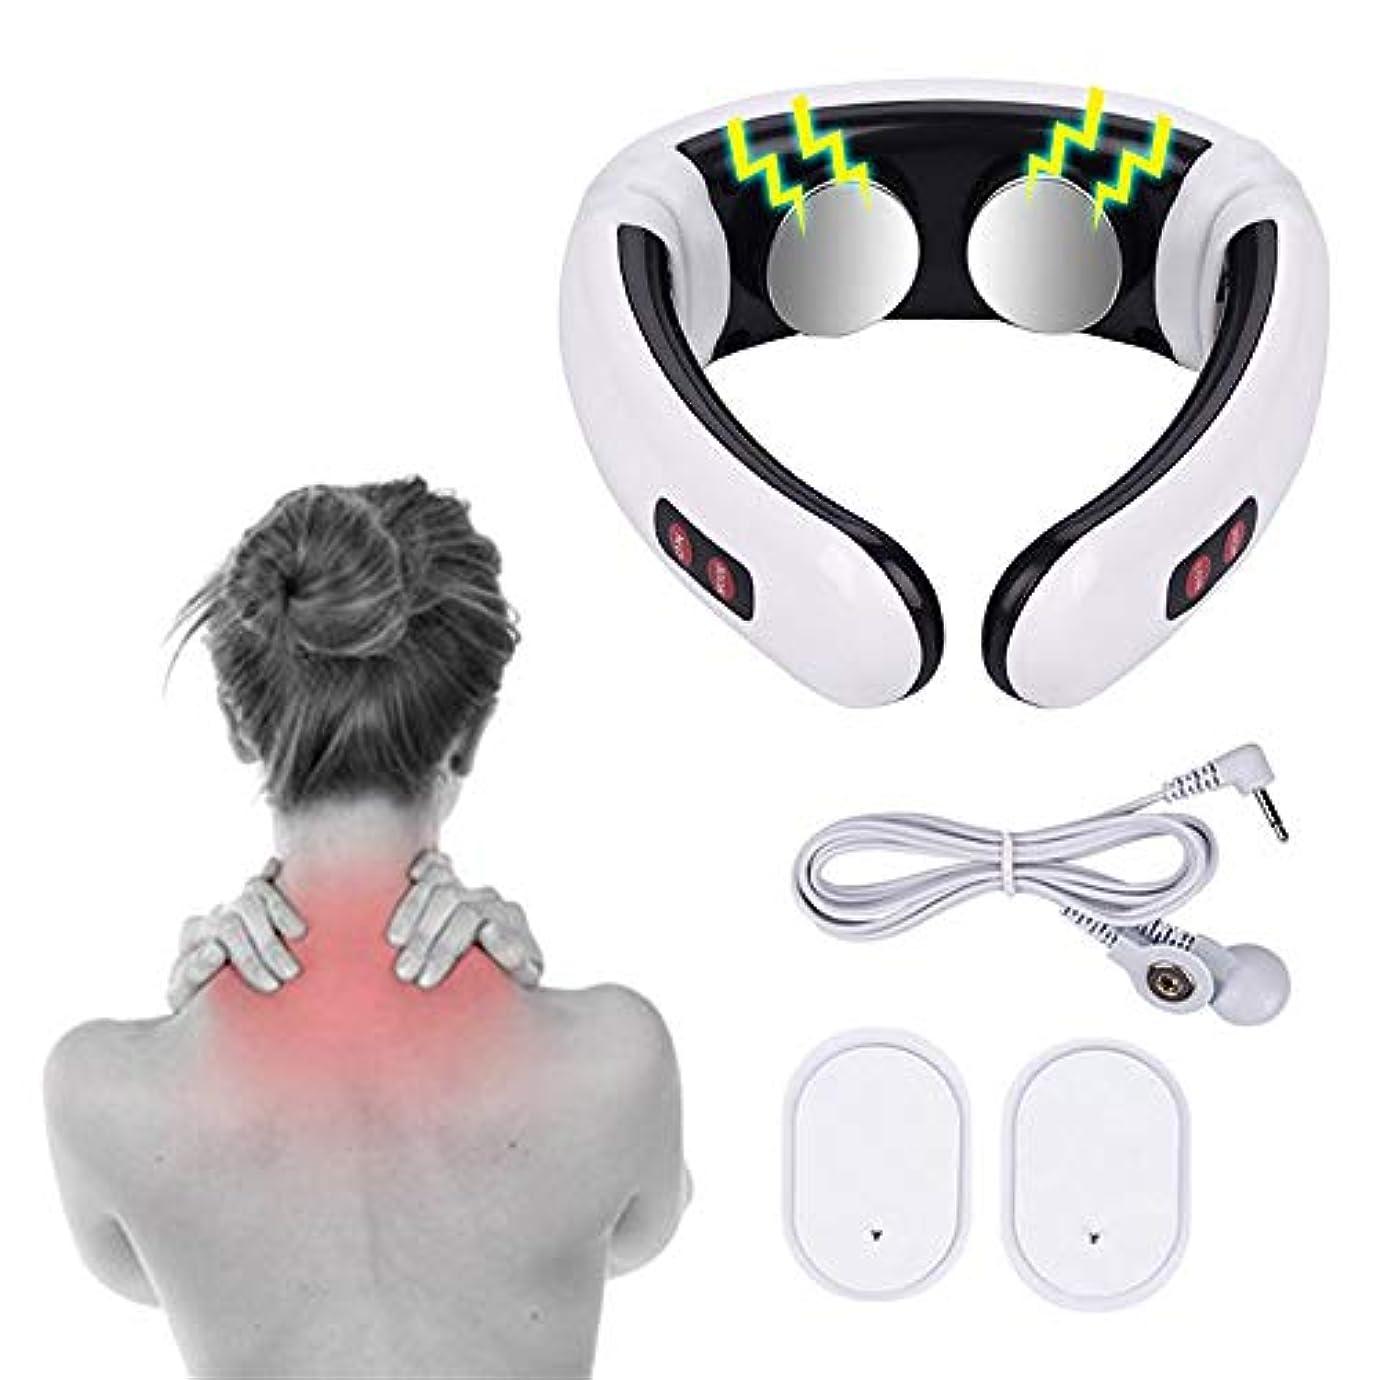 りスズメバチティッシュ1 PC Electric Pulse Back and Neck Massager Far Infrared Pain Relief Tool Health Care Relaxation Multifunctional...